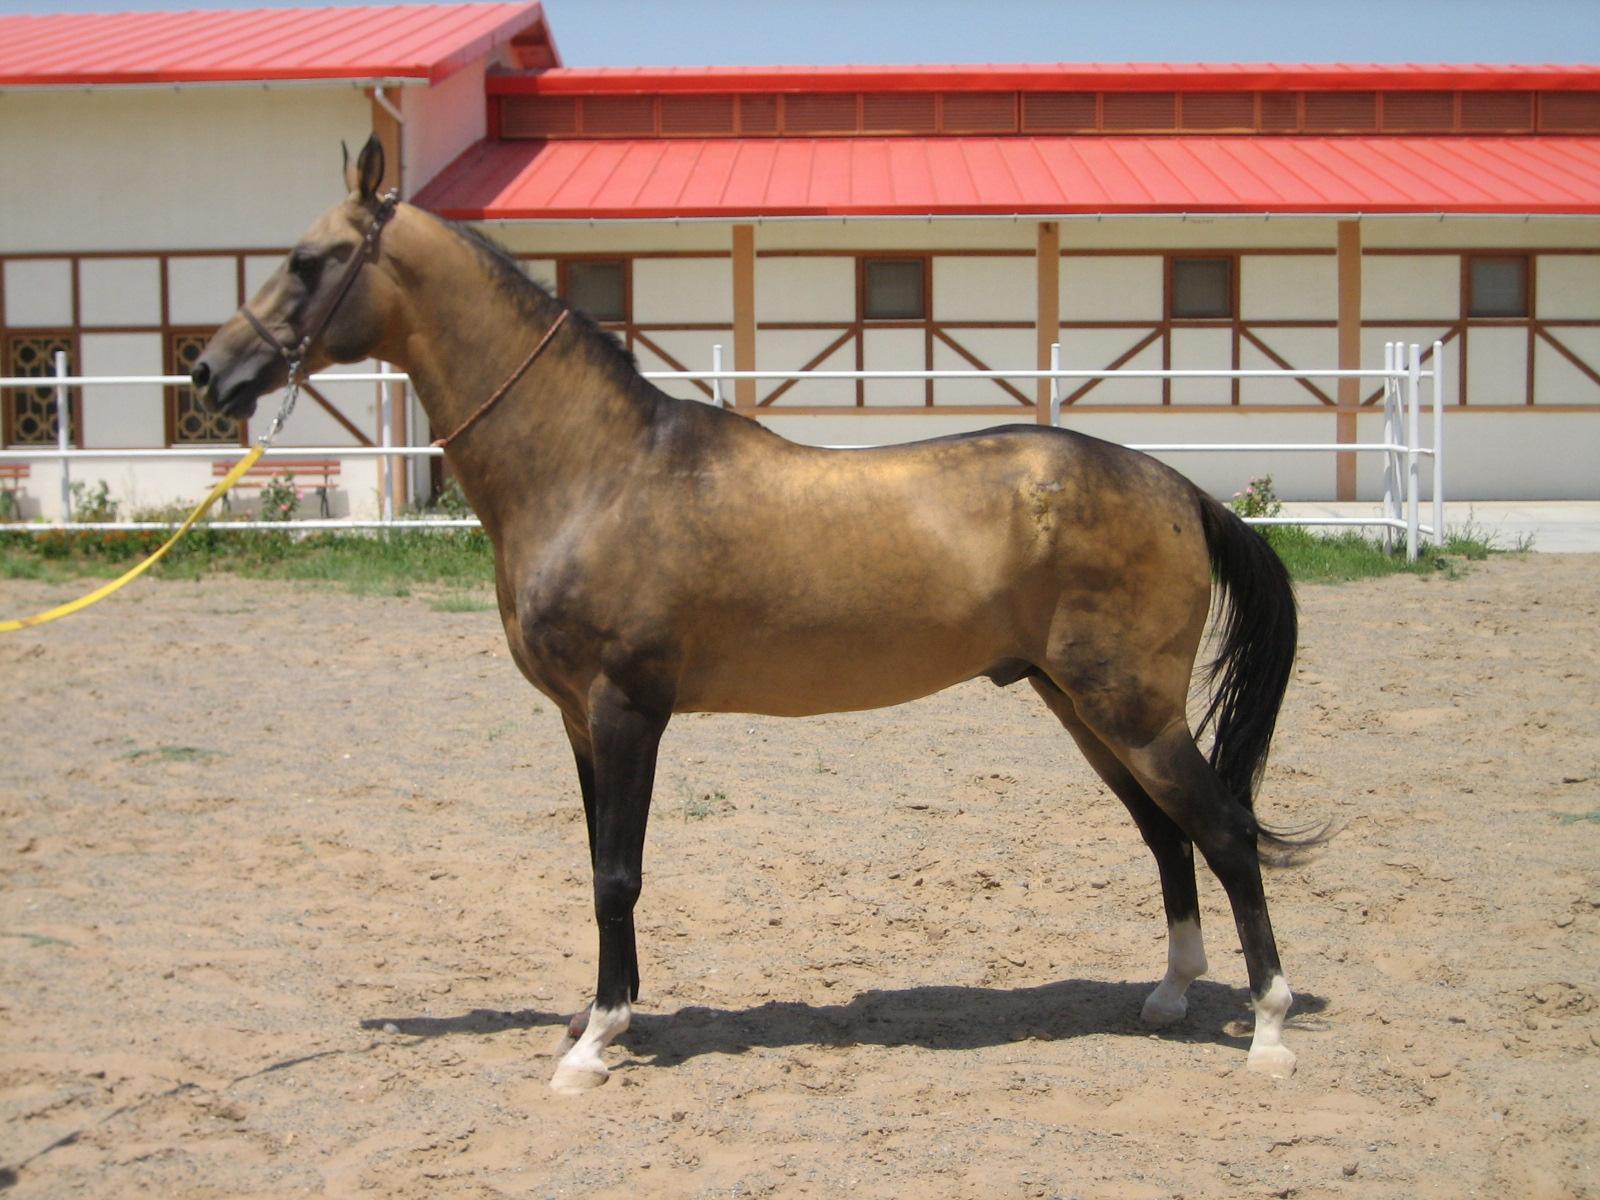 【トルクメニスタン】馬好き必見!これが幻の黄金馬「アハルテケ」だ!トルクメニスタン国章のモデルがコレ!